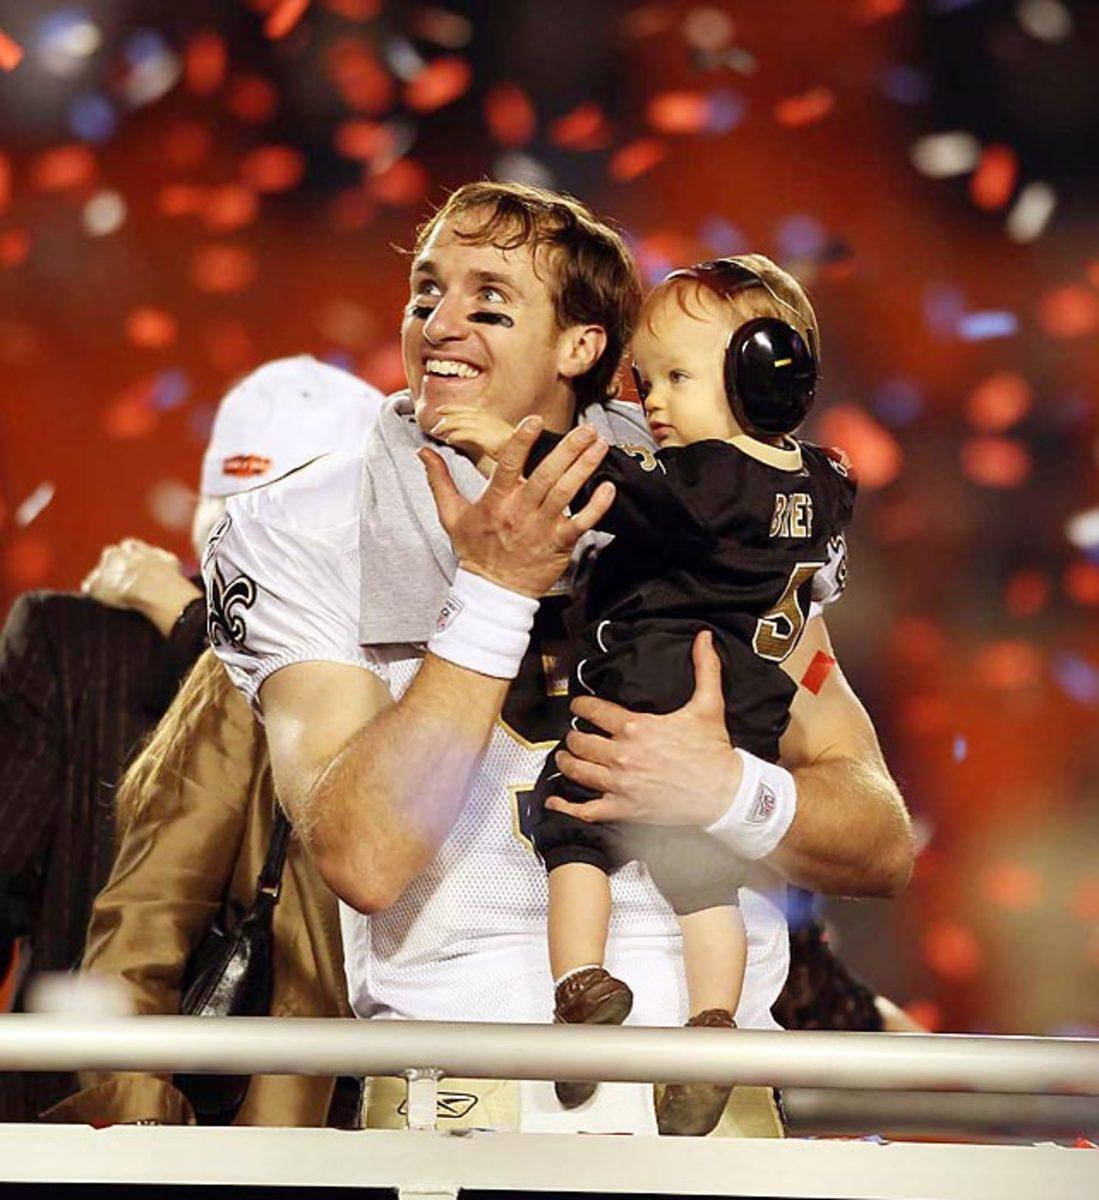 Super Bowl XLIV, Feb. 7, 2010